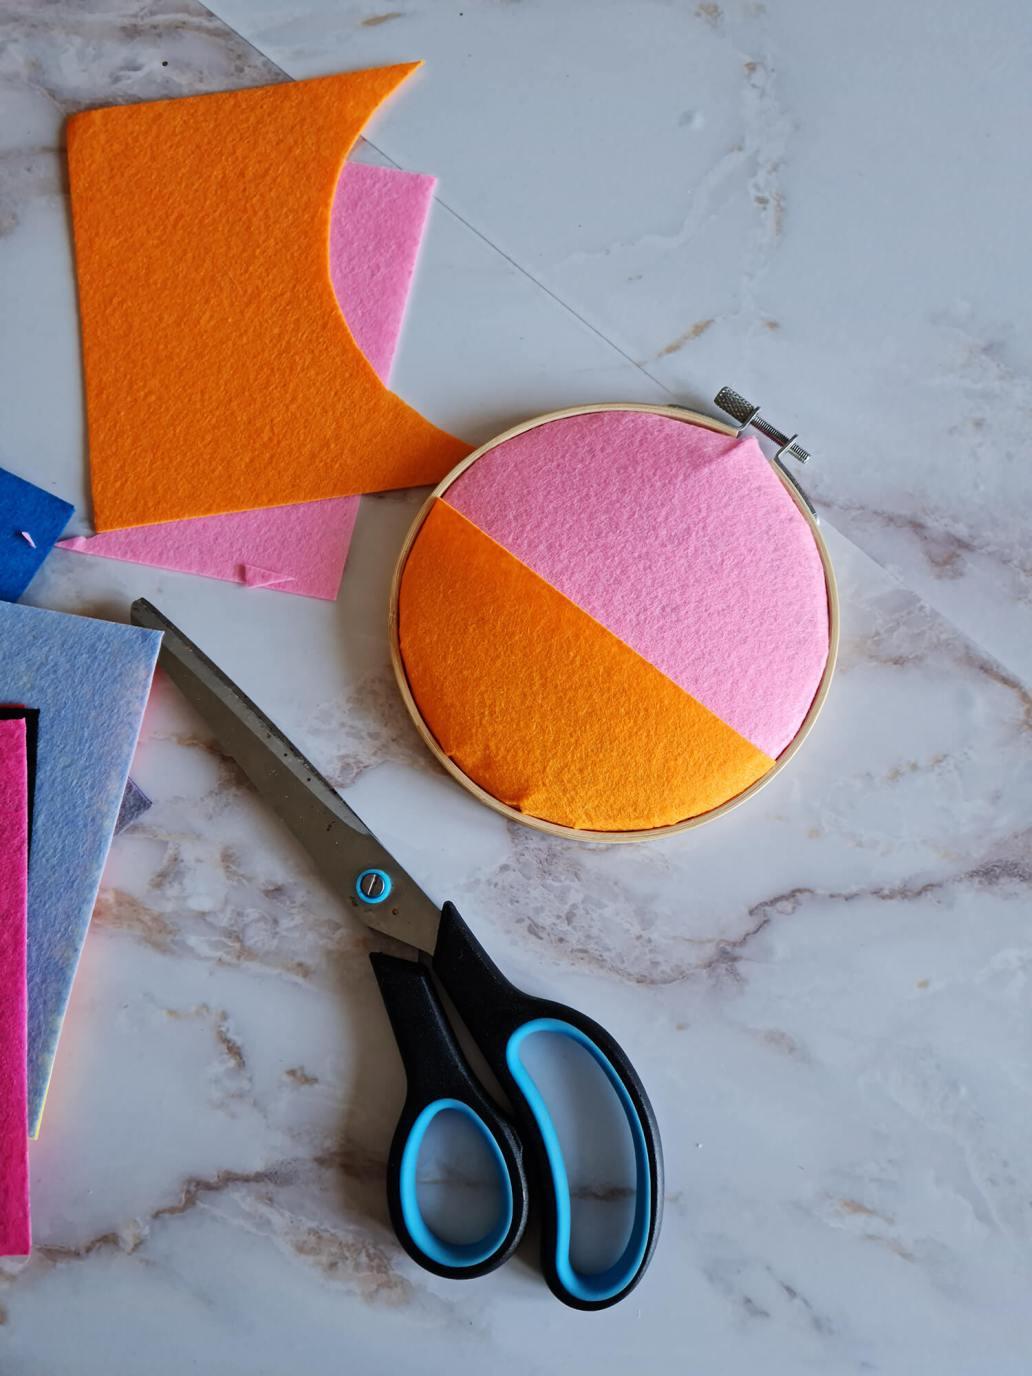 20210402 133647 - Fabriquer une petite décoration en feutre pour orner les murs de couleurs